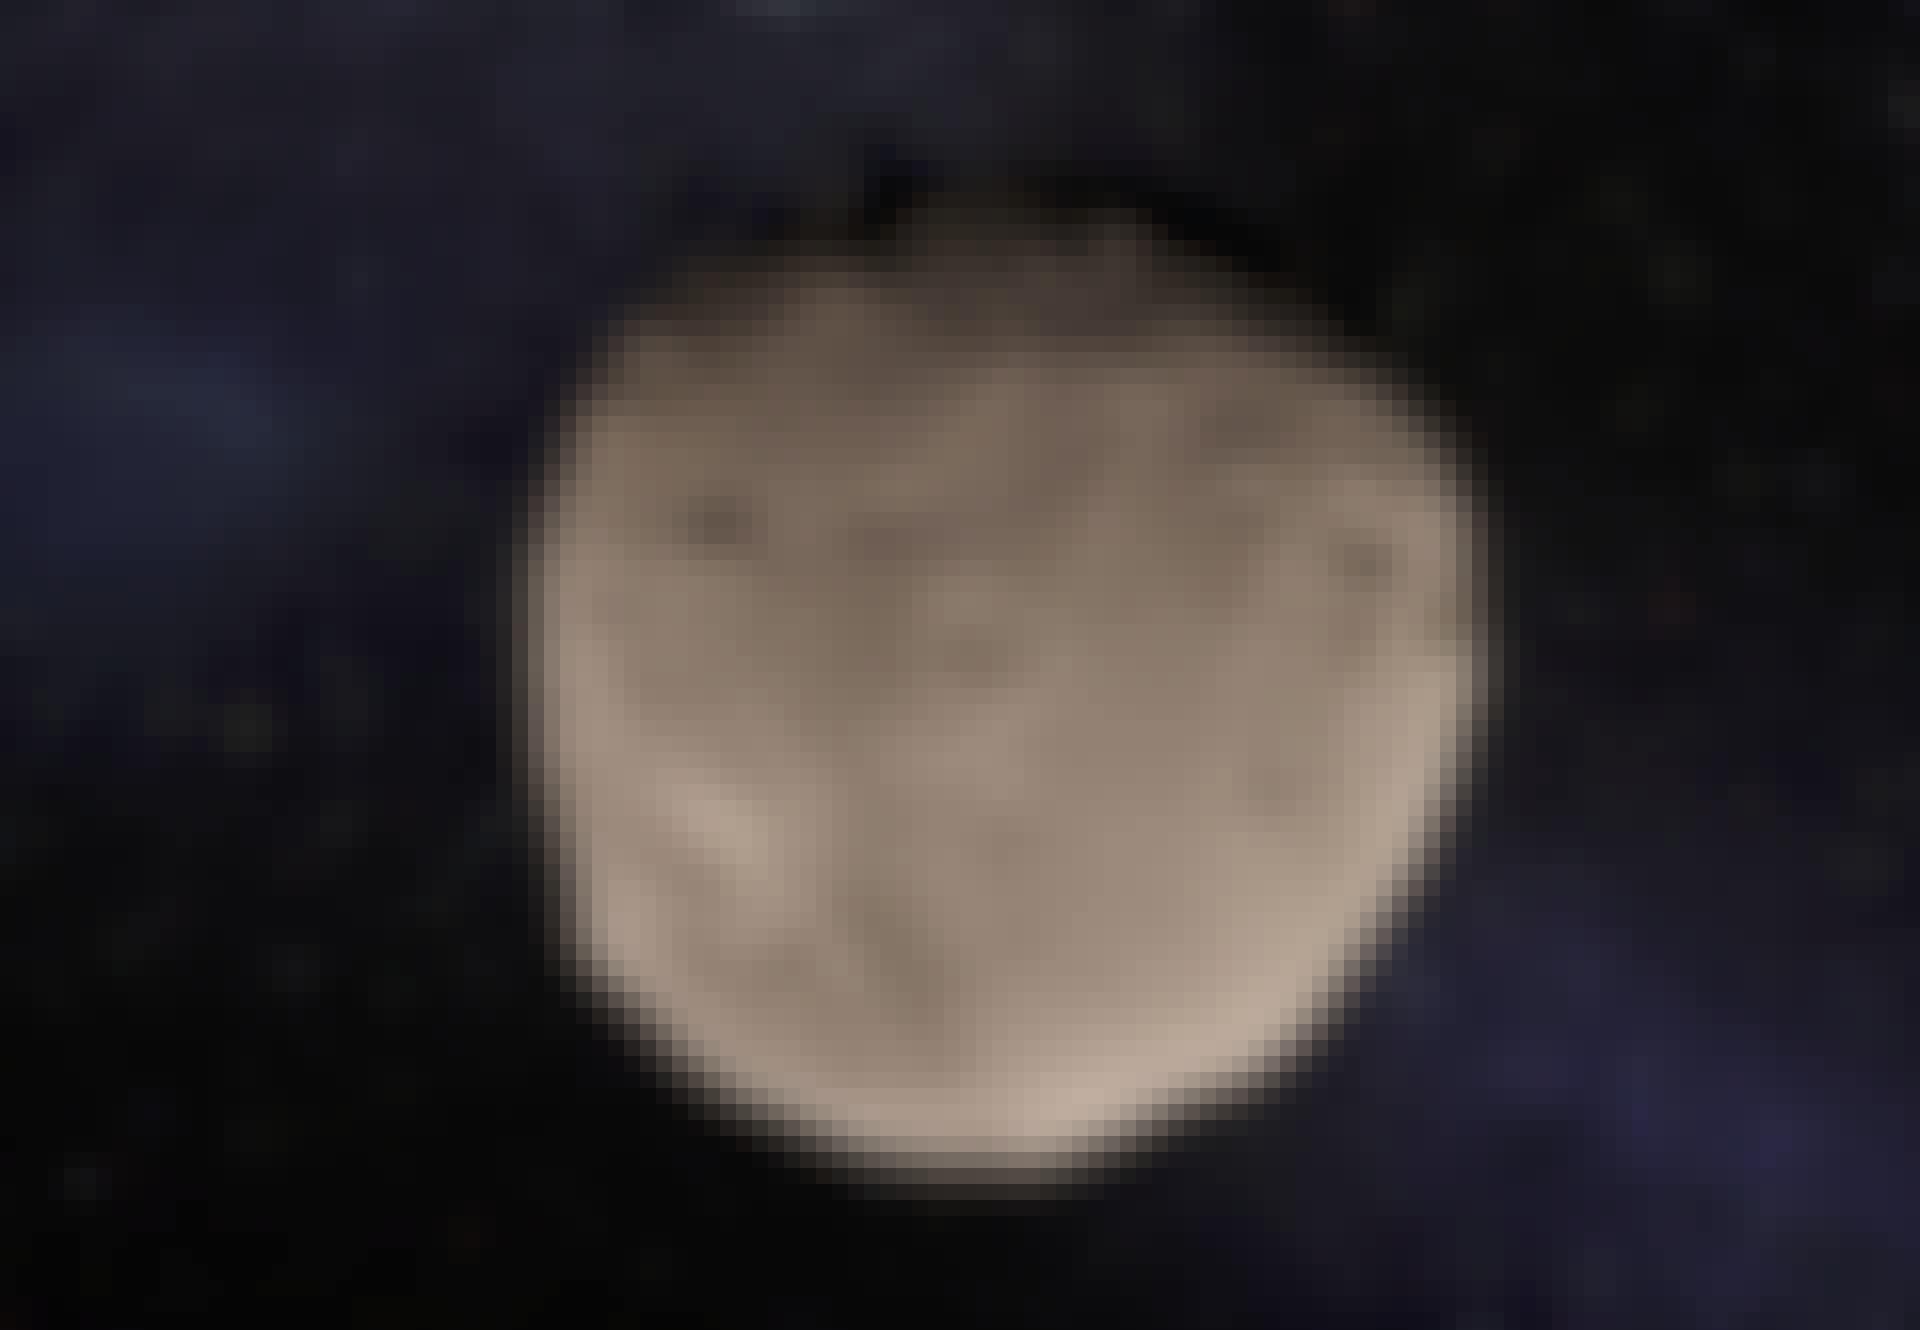 Vesta-asteroiden i rummet